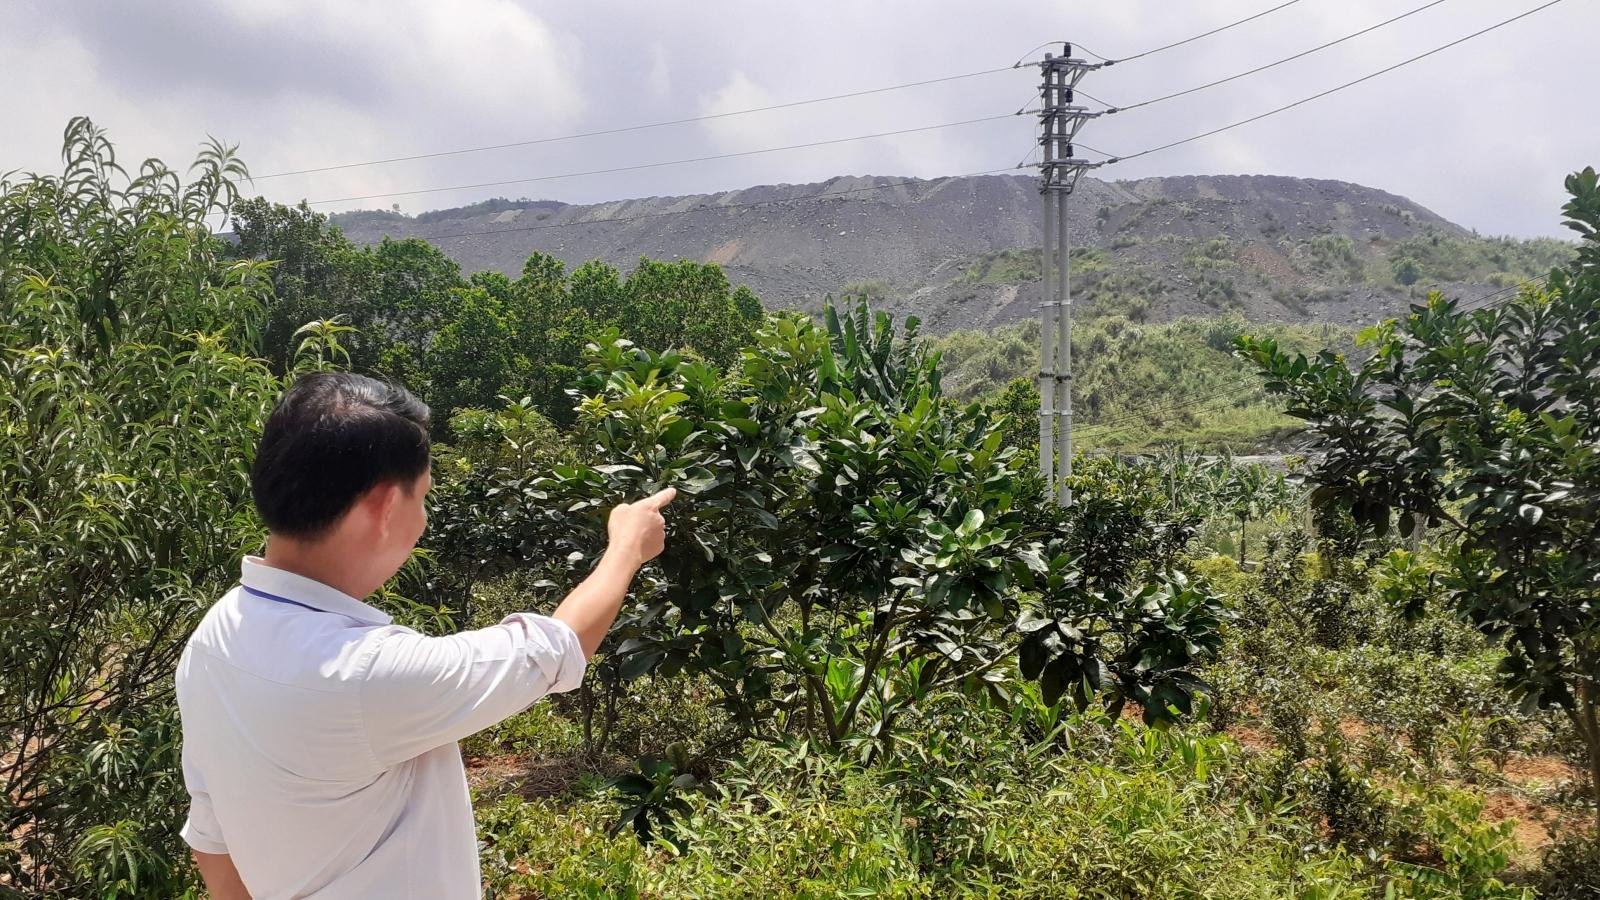 Nguy cơ thiếu an toàn mùa mưa bão do sạt lở khai thác khoáng sản ở Thái Nguyên